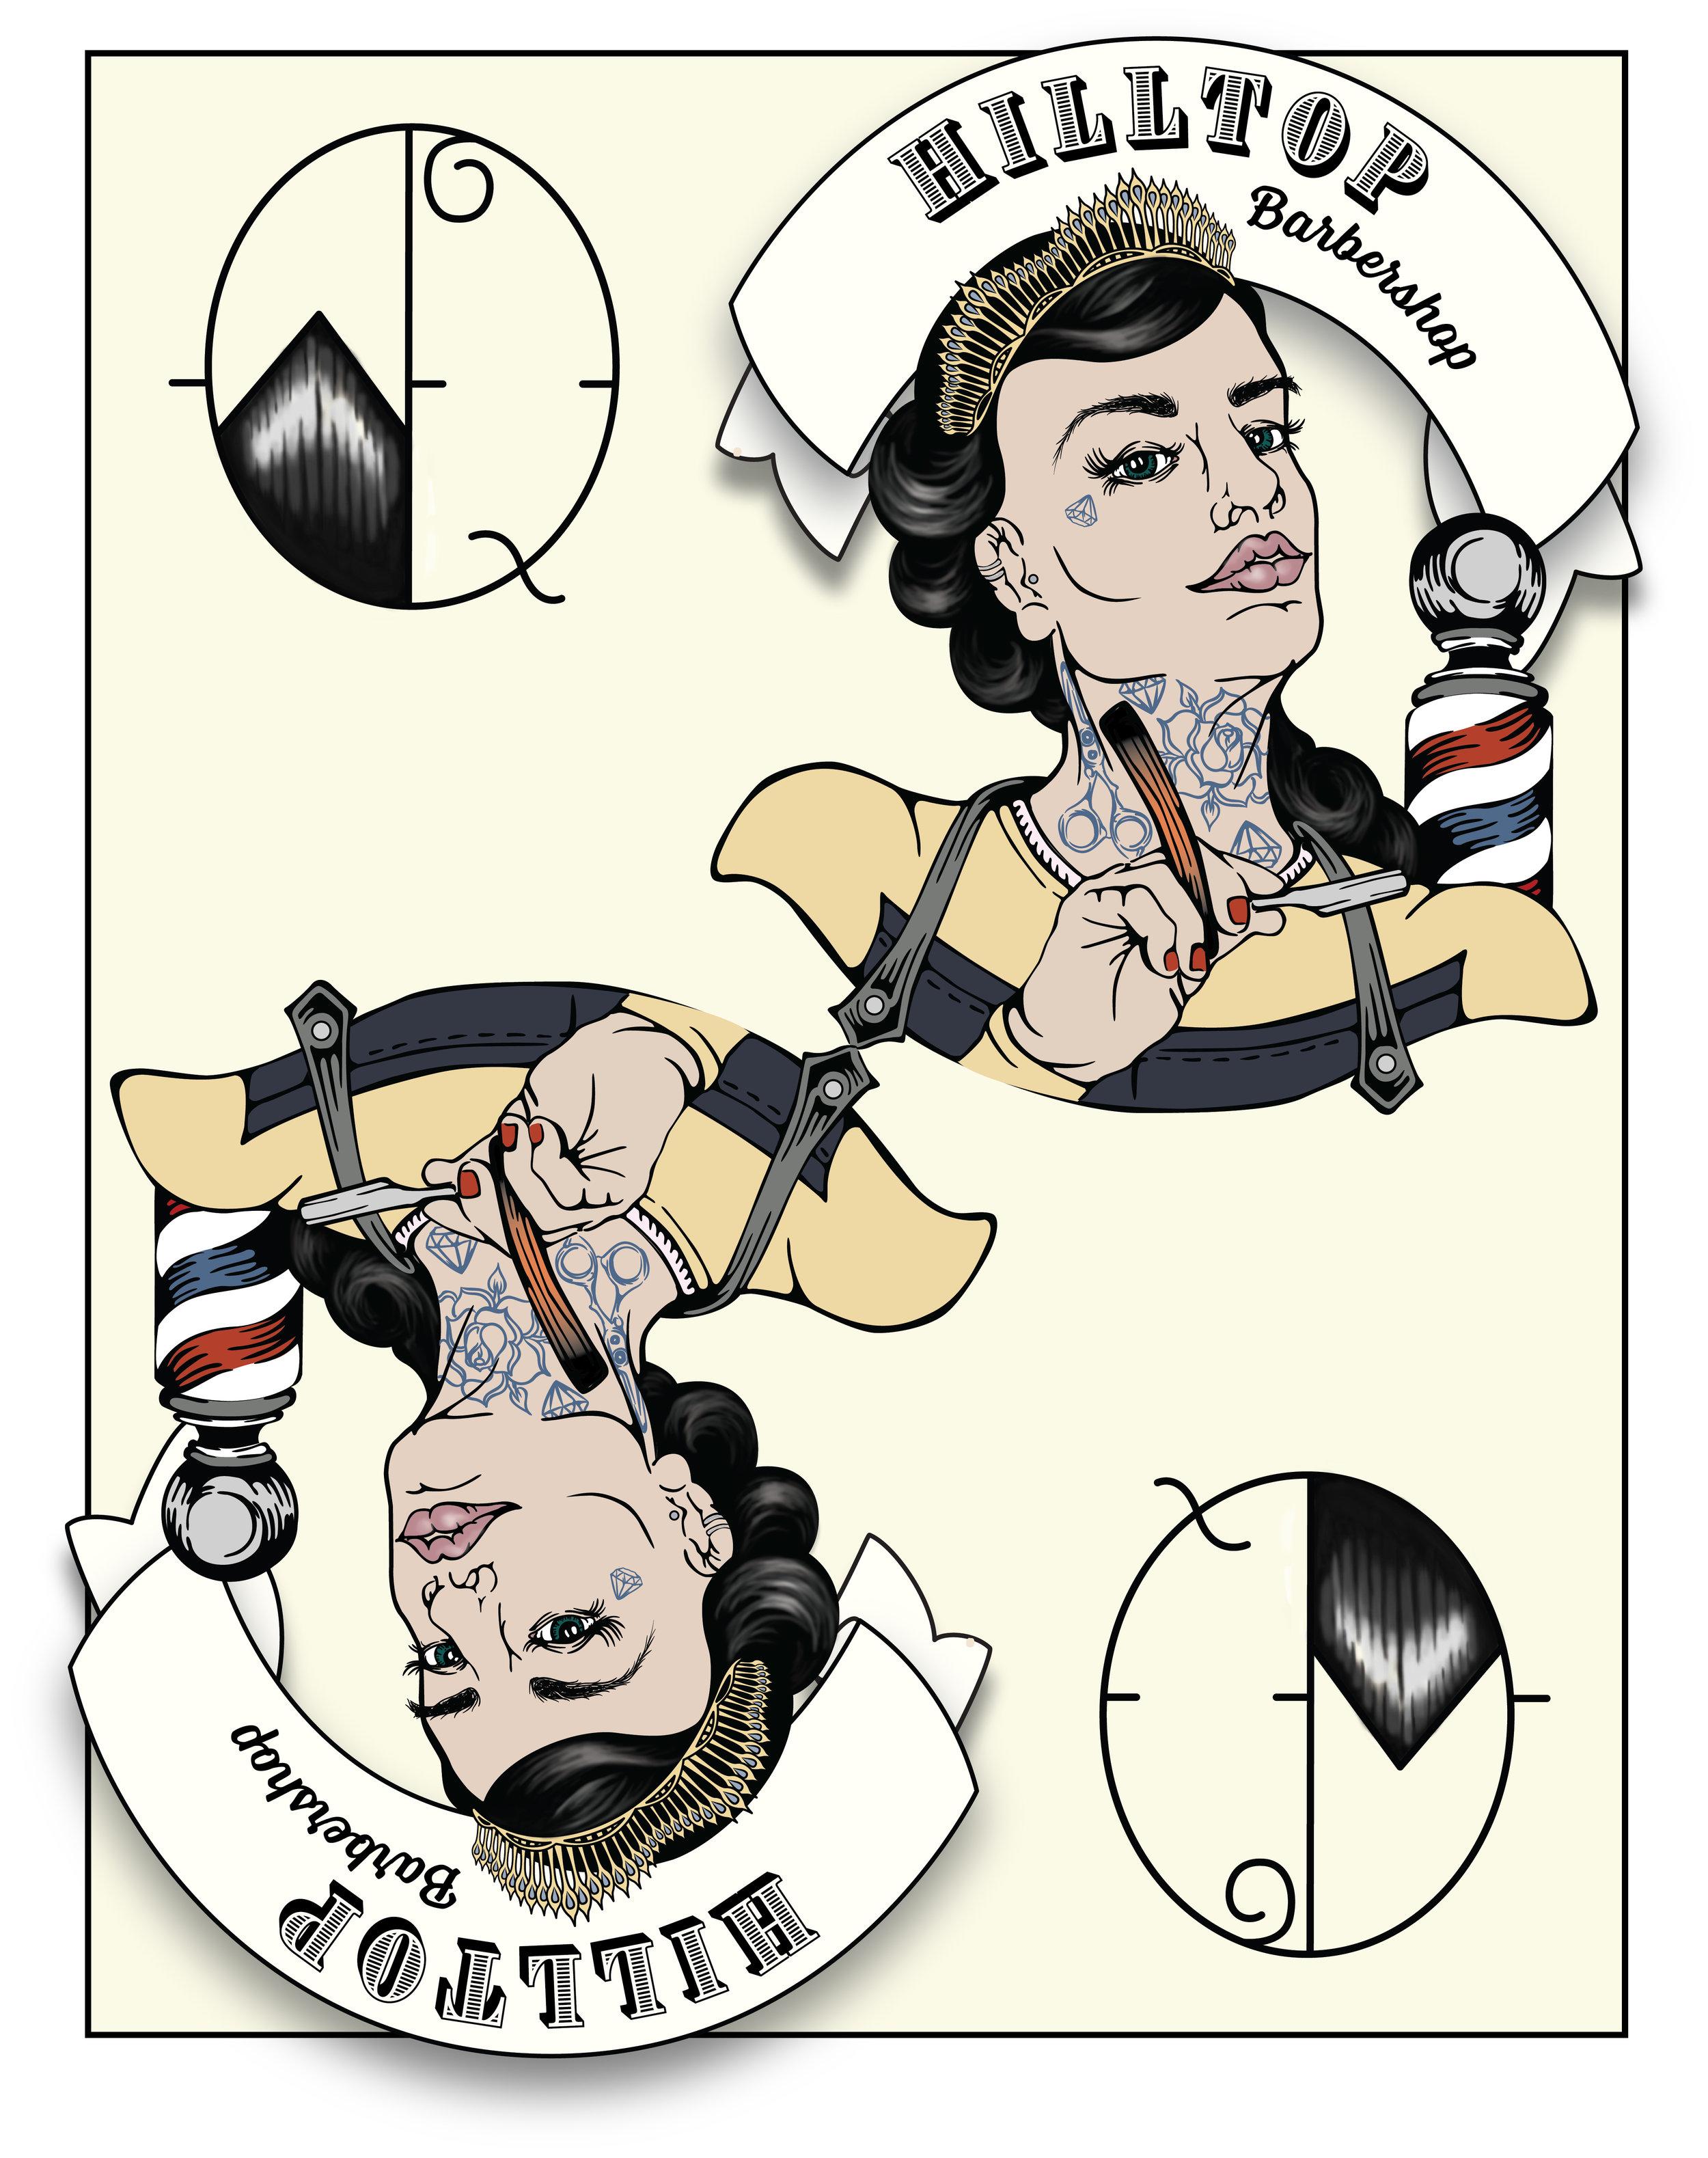 Hilltop Barber Queen